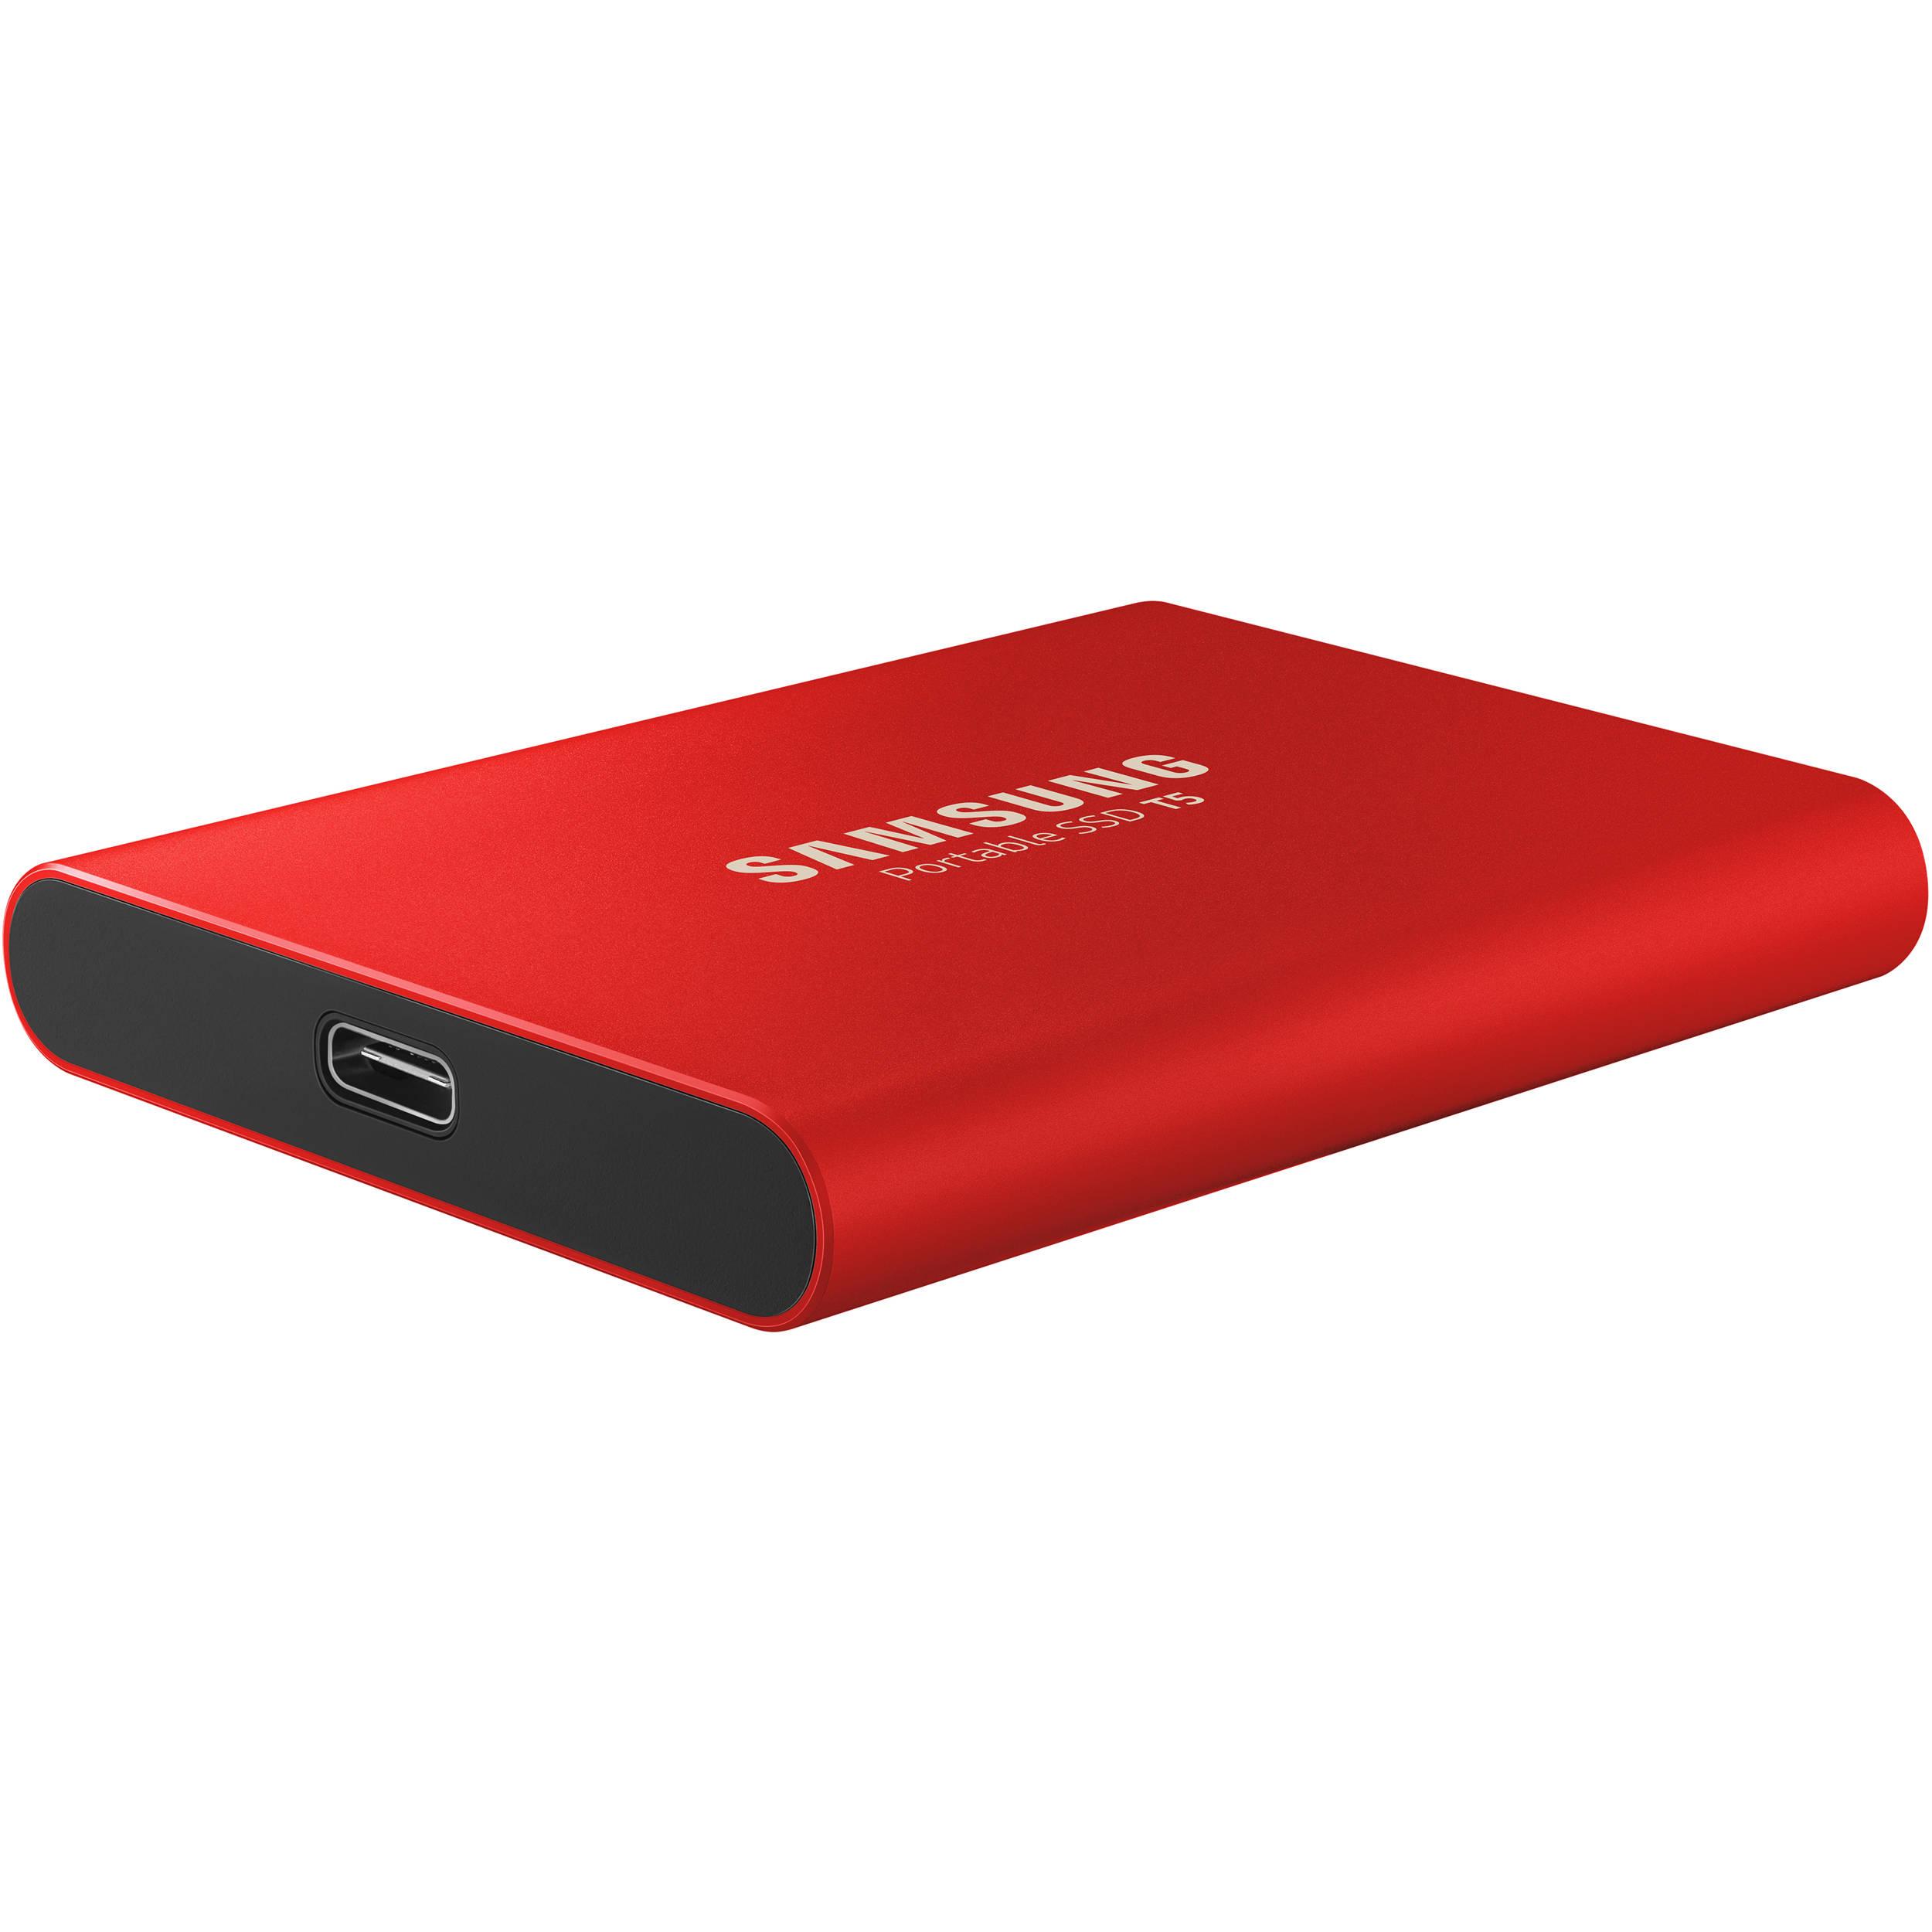 Εξωτερικός Σκληρός Δίσκος Red Samsung Portable SSD T5 1TB MU-PA1T0R/EU image